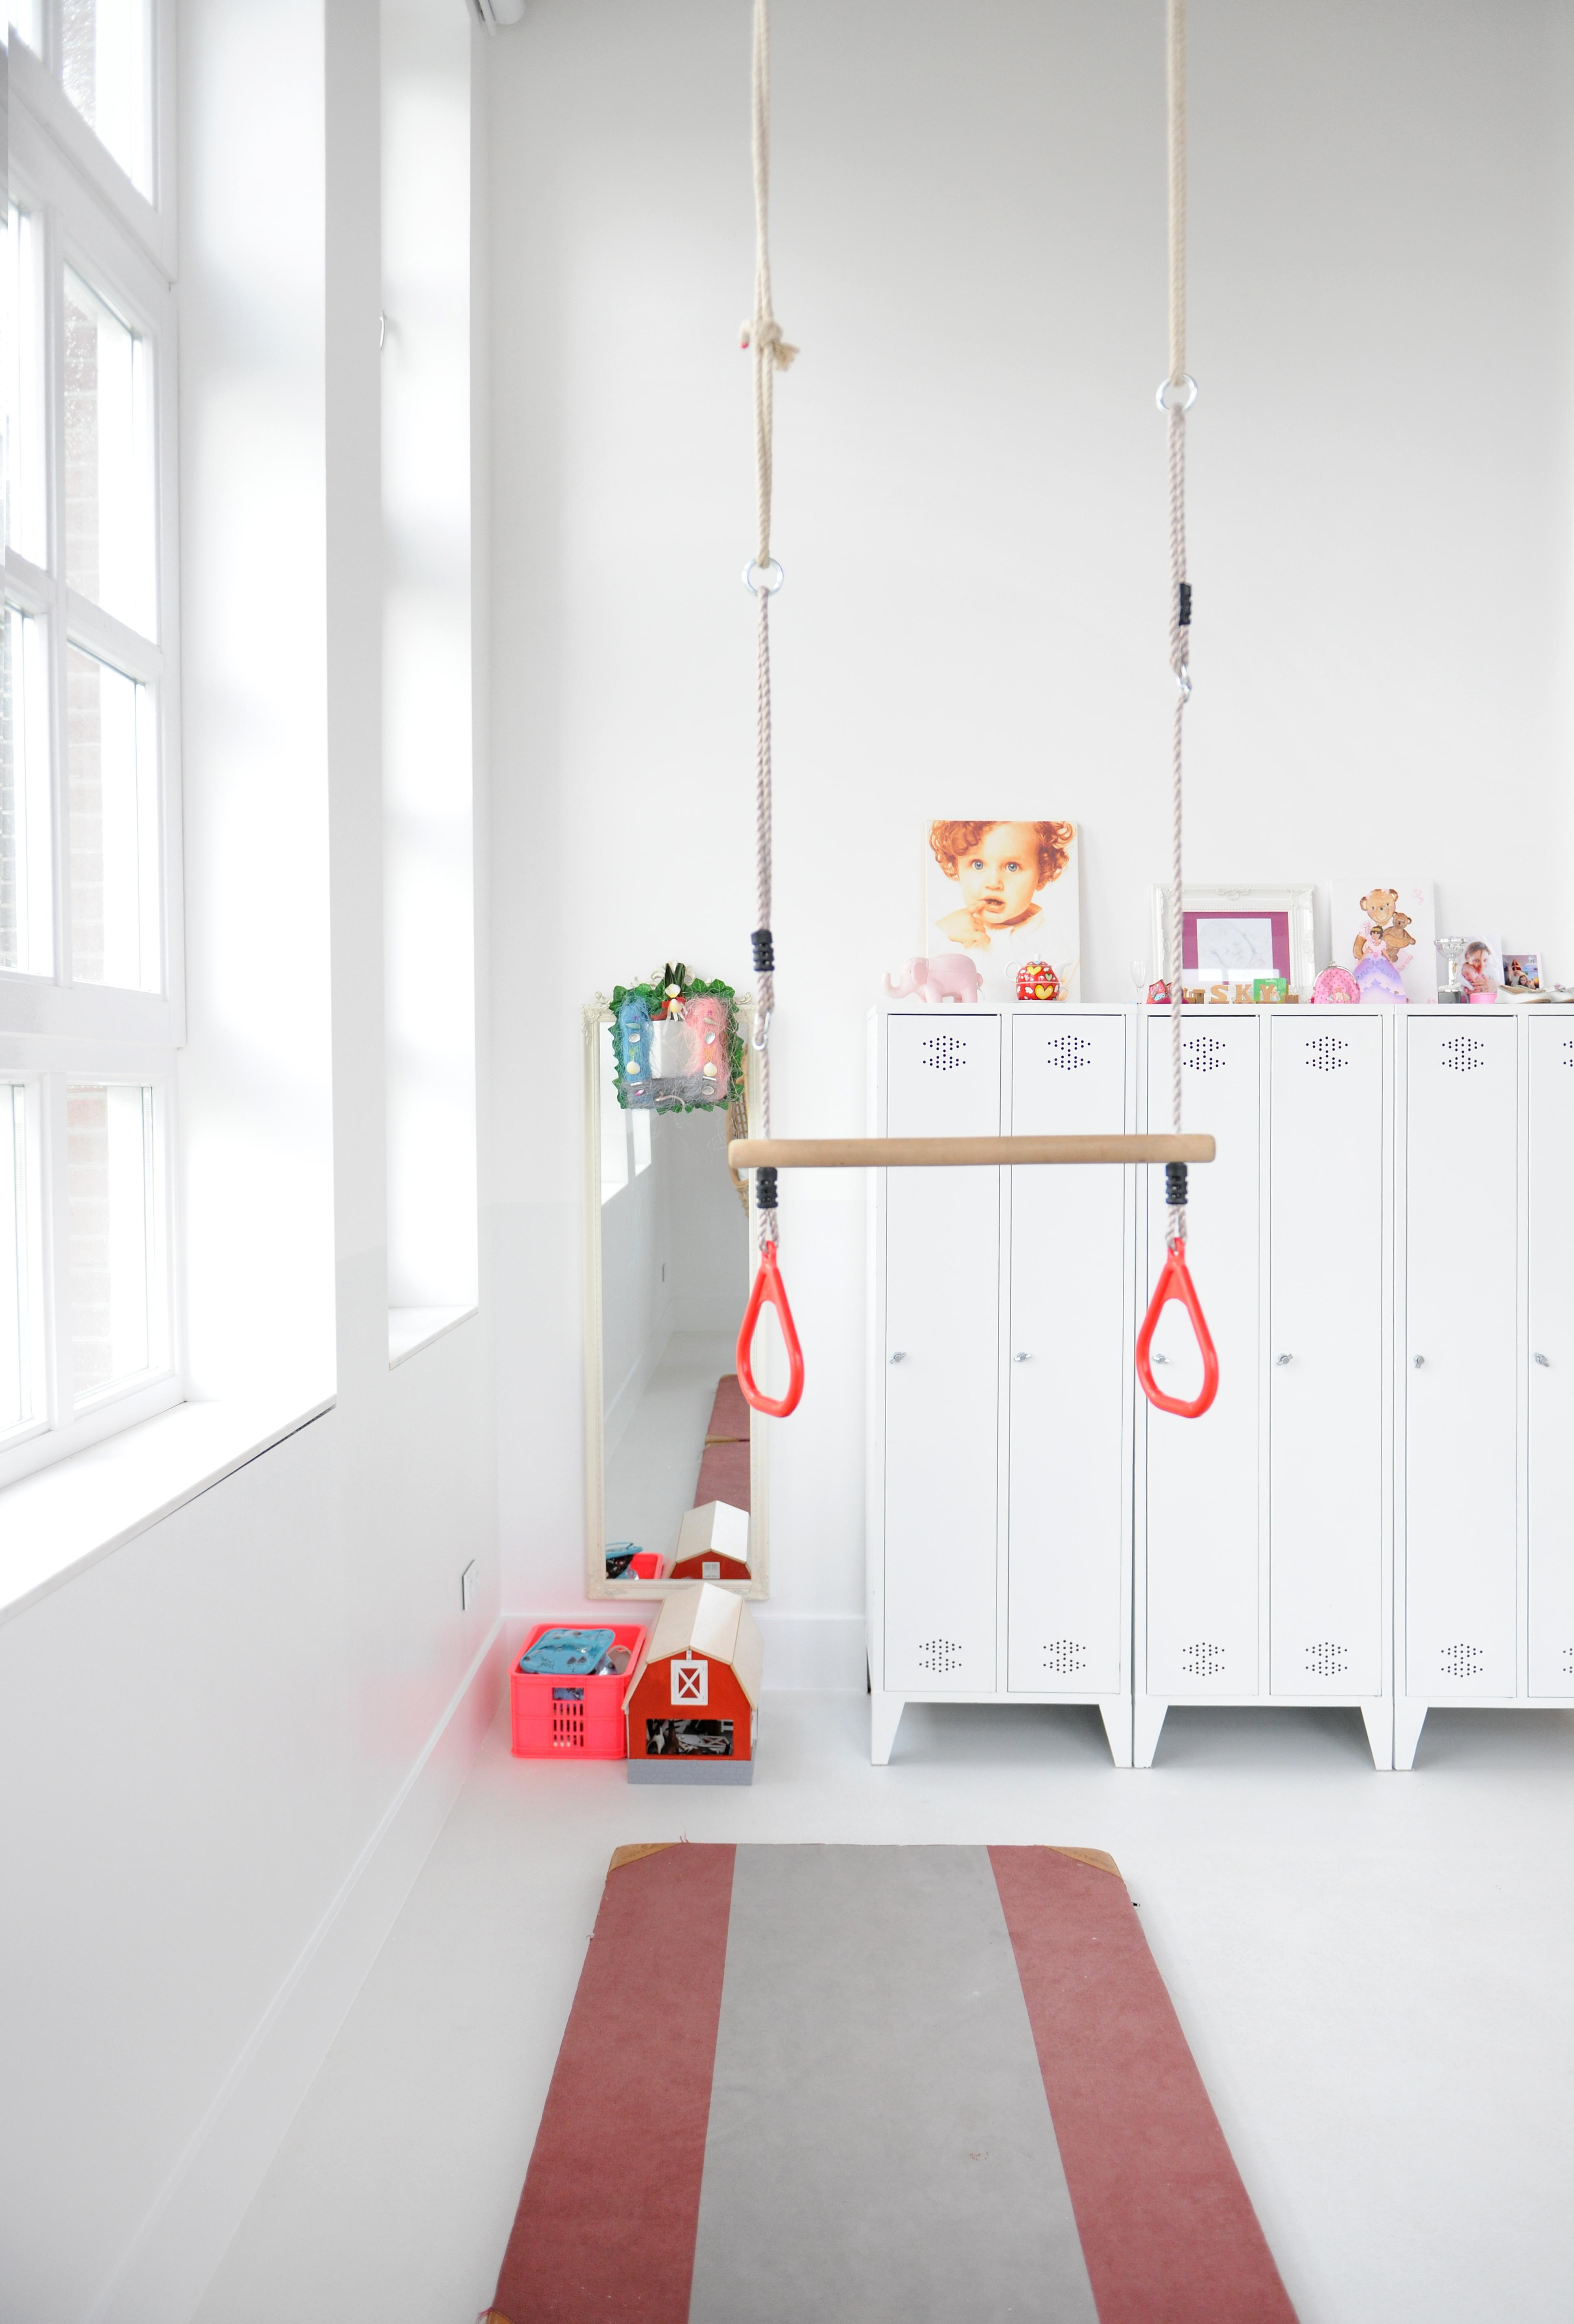 tolle tipps kinderzimmer gestalten westwing magazin. Black Bedroom Furniture Sets. Home Design Ideas